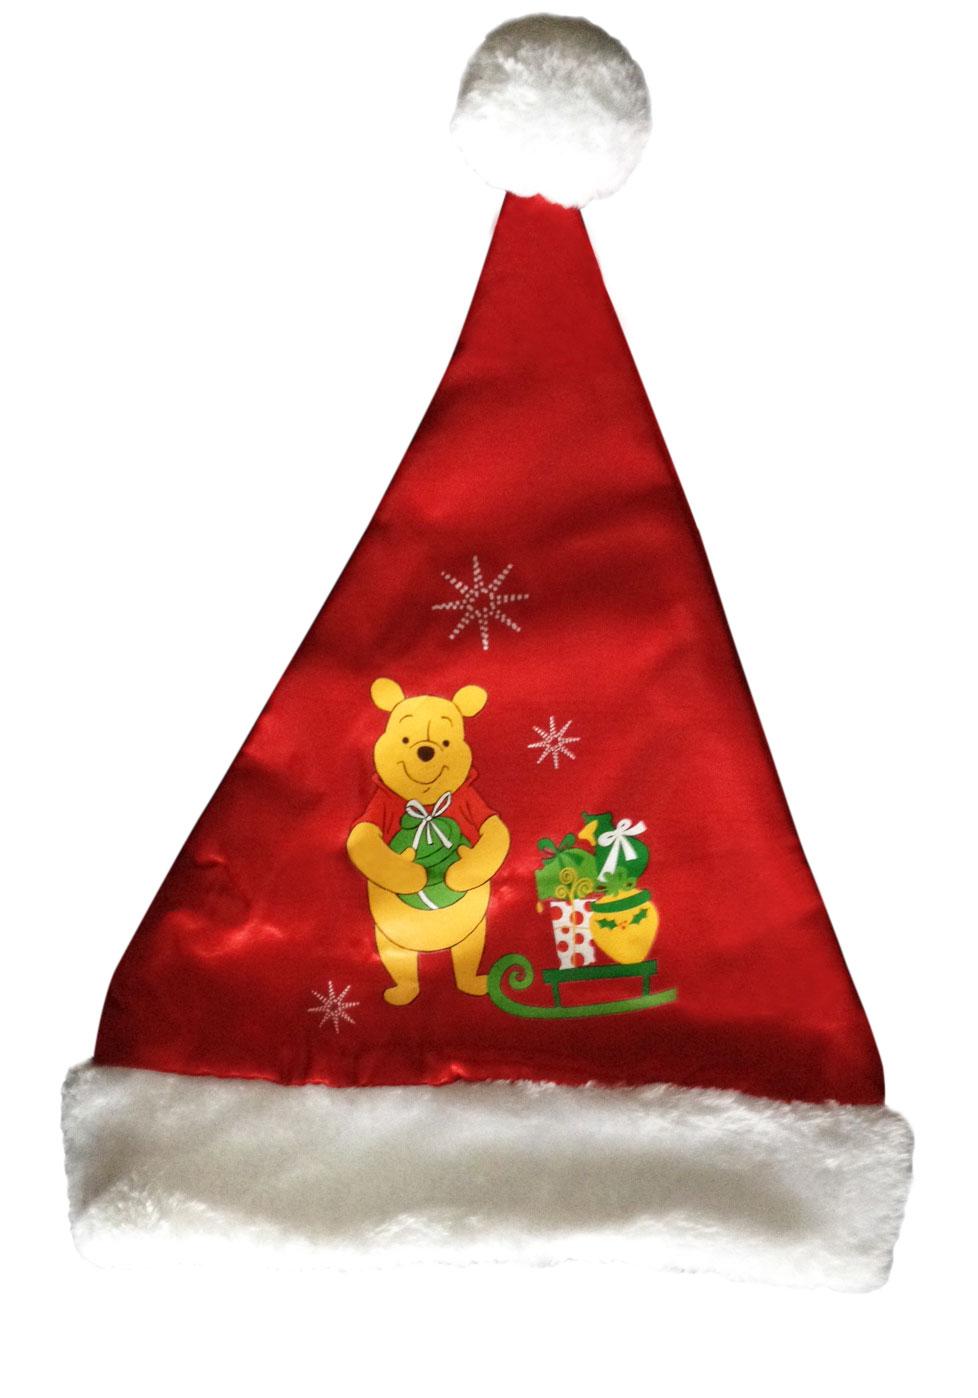 Bonnet de Noël avec motif Winnie l'ourson